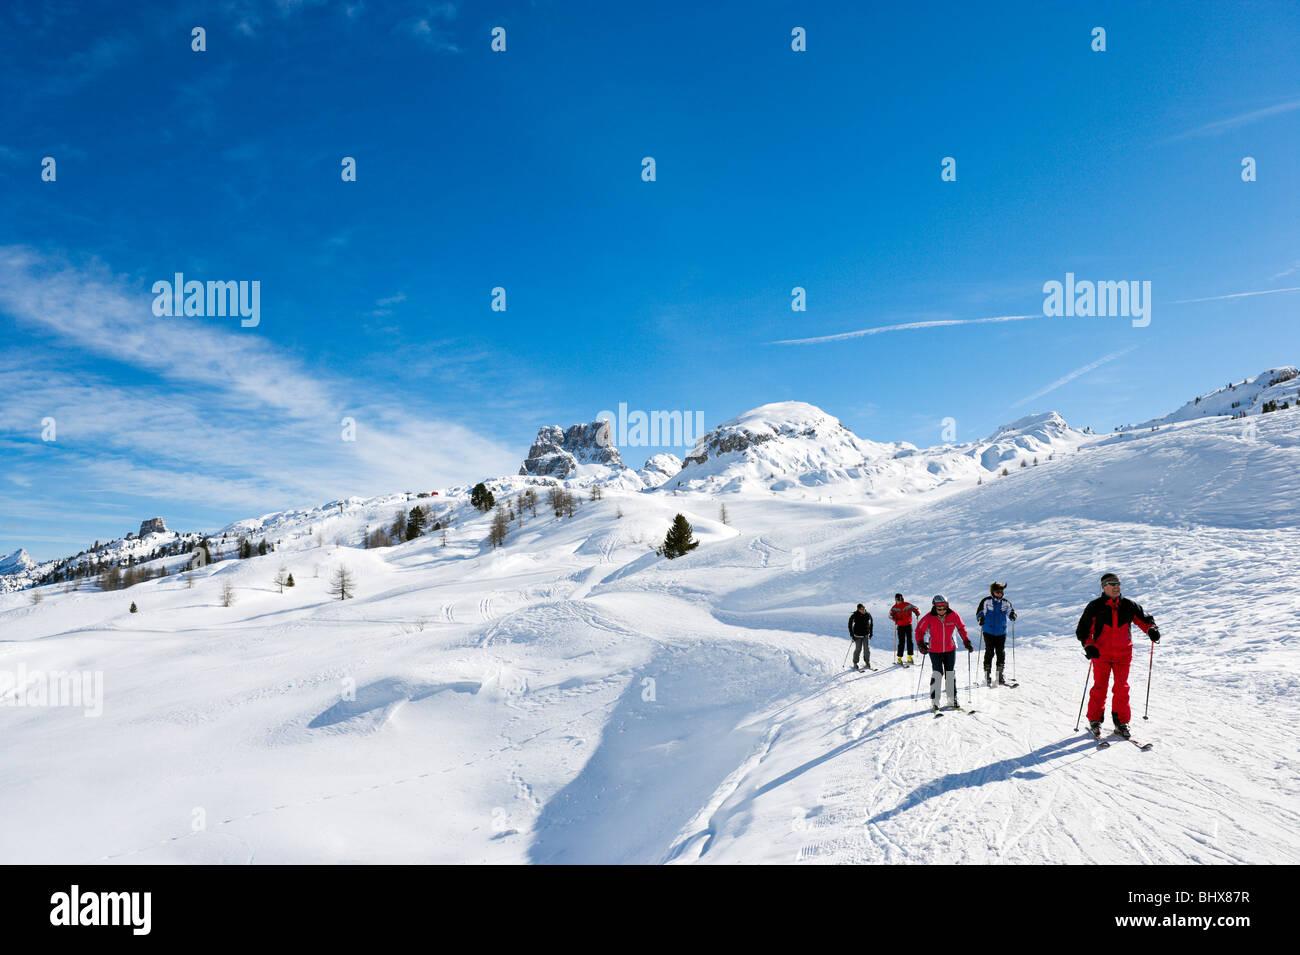 Gli sciatori sulle piste al Passo di Falzarego tra Andraz e Cortina d'Ampezzo, Dolomiti, Italia Immagini Stock